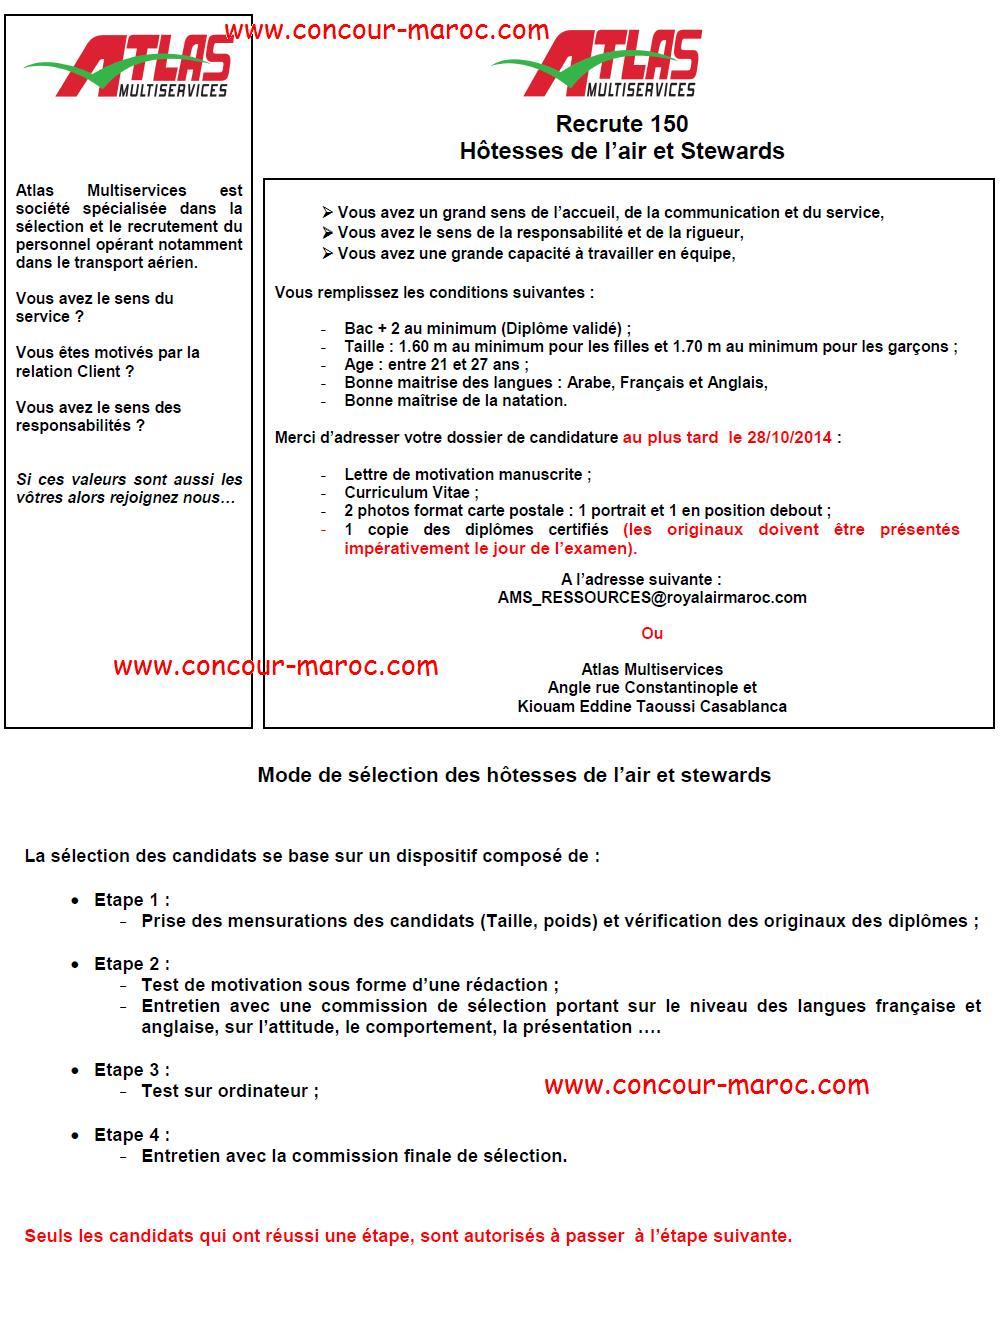 أطلس مولتي سيرفيس : مباراة لتوظيف مضيفة / مضيف في مجال الطيران (150 منصب) آخر أجل لإيداع الترشيحات 28 اكتوبر 2014  Conco180